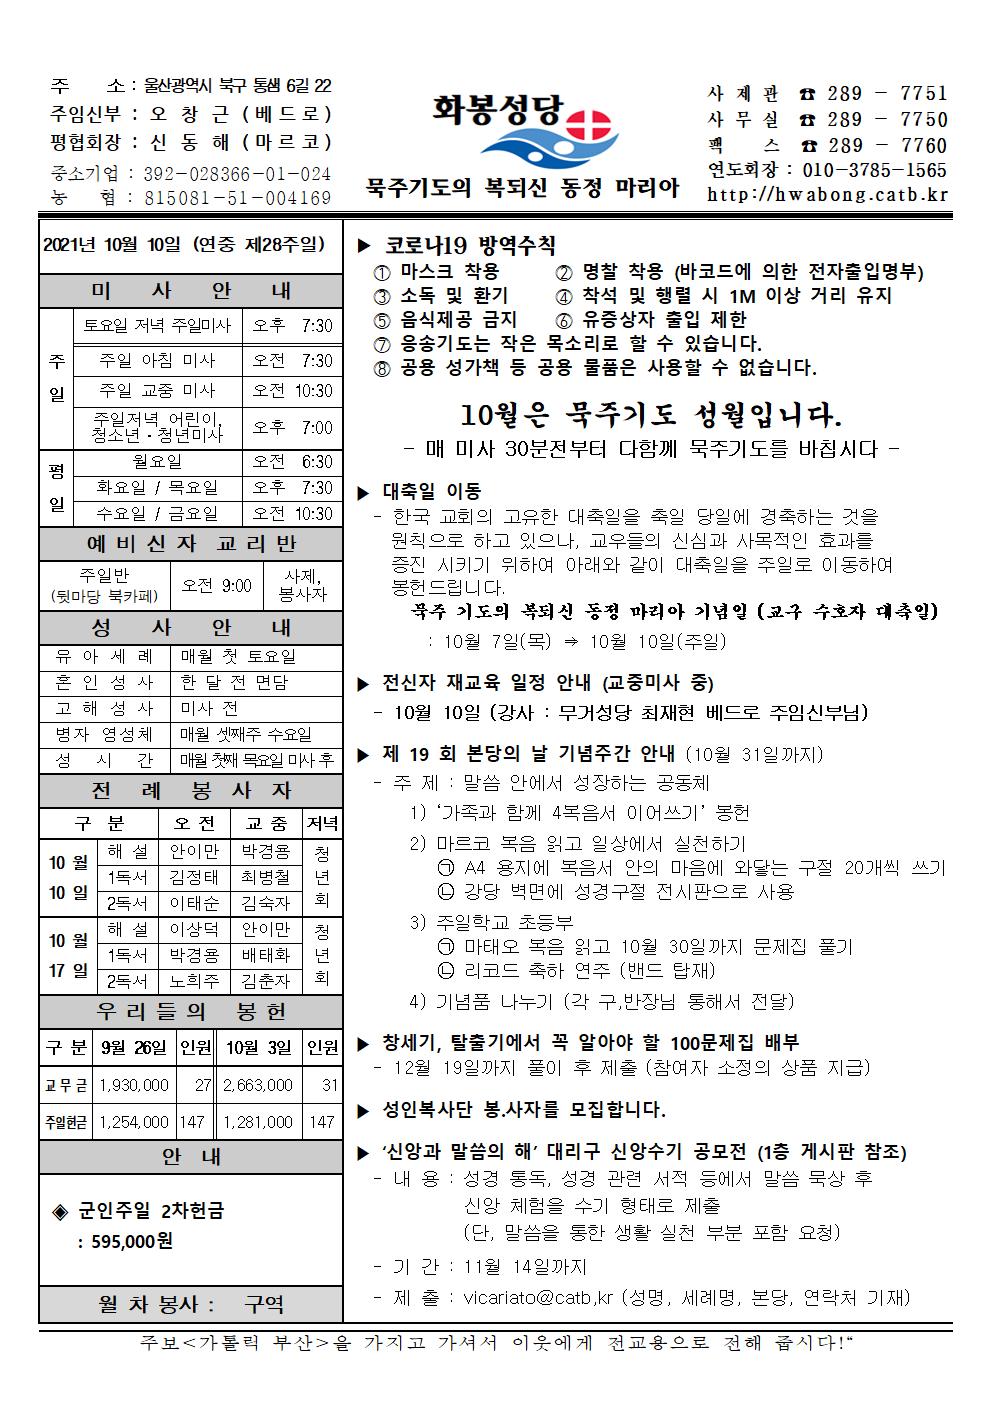 화봉성당 20211010 주보.png